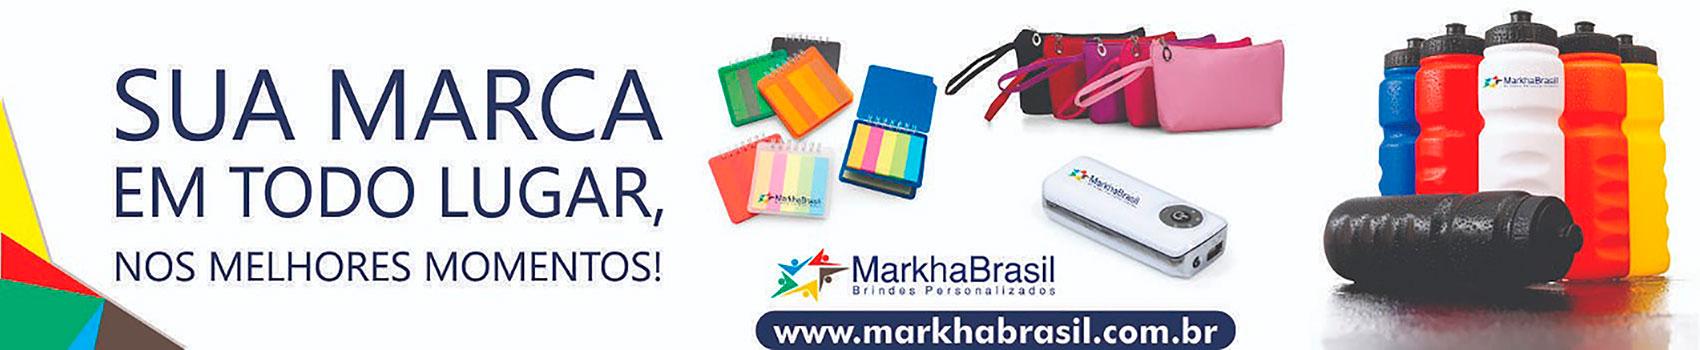 MarkhaBrasil Brindes Personalizados